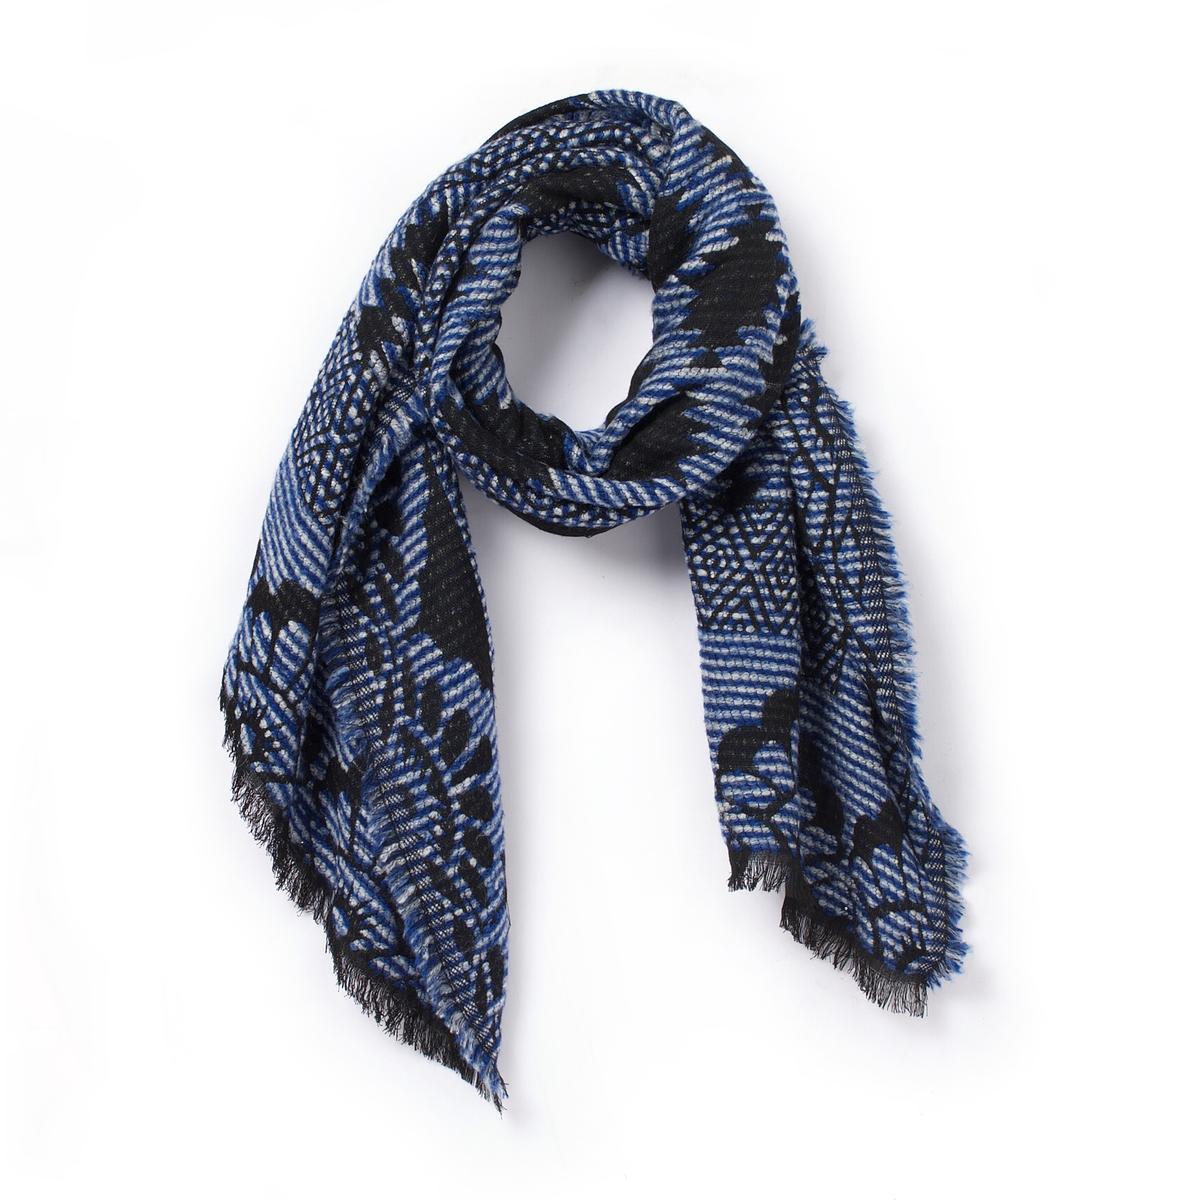 Шарф с рисункомКрасивый шарф с модным рисунком, подходящим под любой образ. Состав и описание :  •  Материал : акрил •  Марка :  Atelier R.  •  Размер :  70 x 80 cмУход :Машинная стирка при температуре 30° .С вещами схожих цветов..<br><br>Цвет: синий морской<br>Размер: единый размер